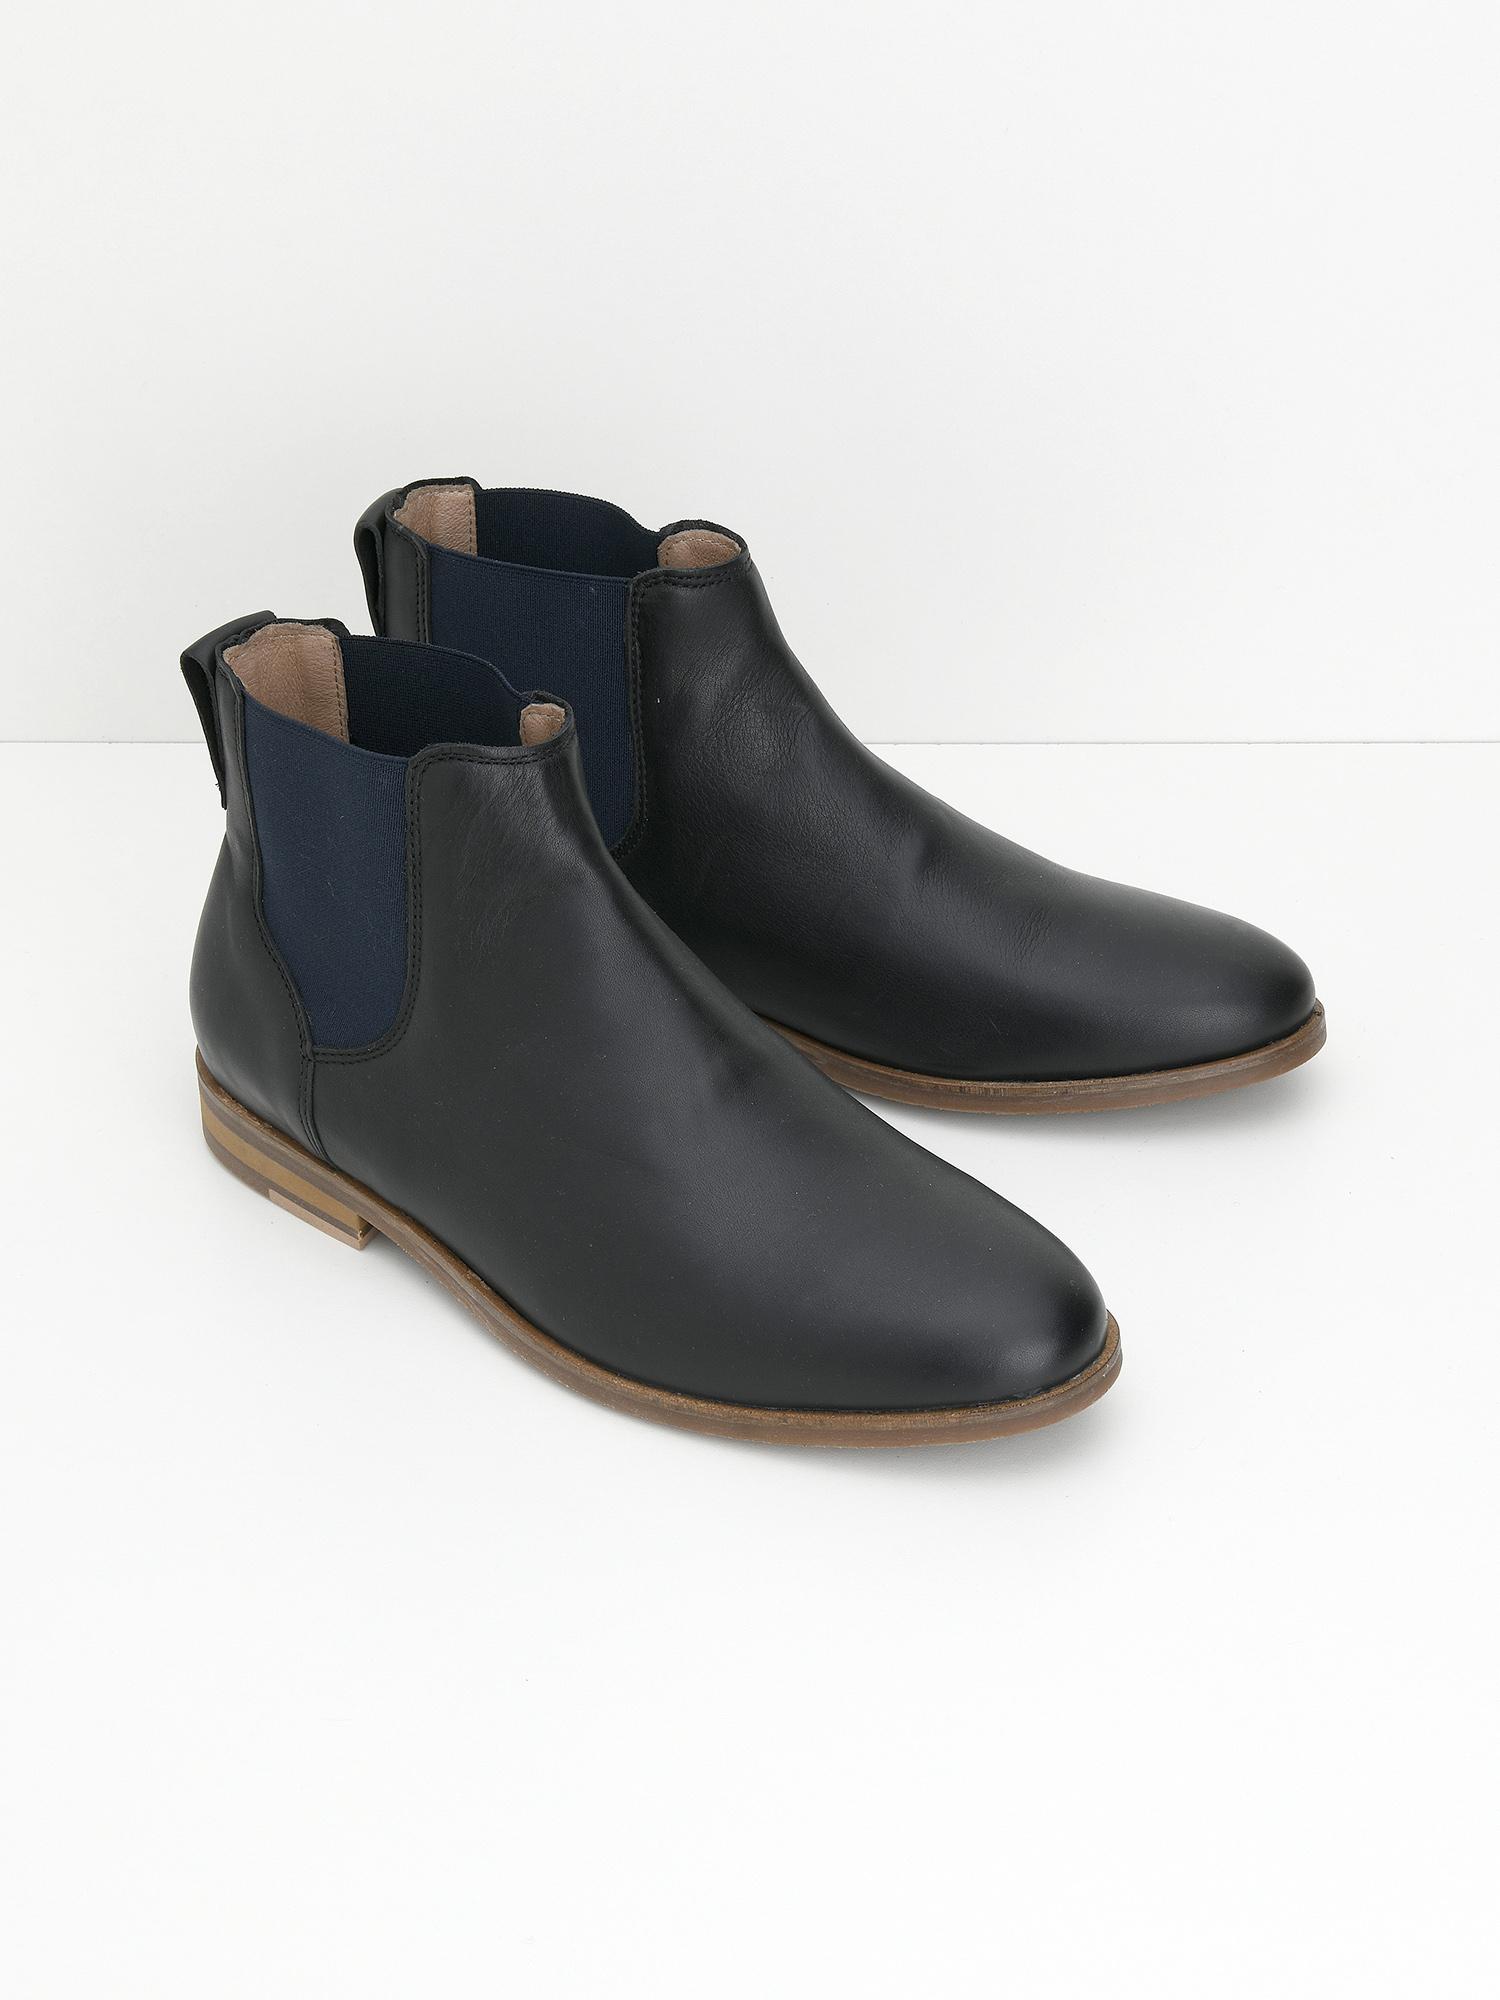 dbcd41cbbc9 Chaussure mariage pour homme   que choisir